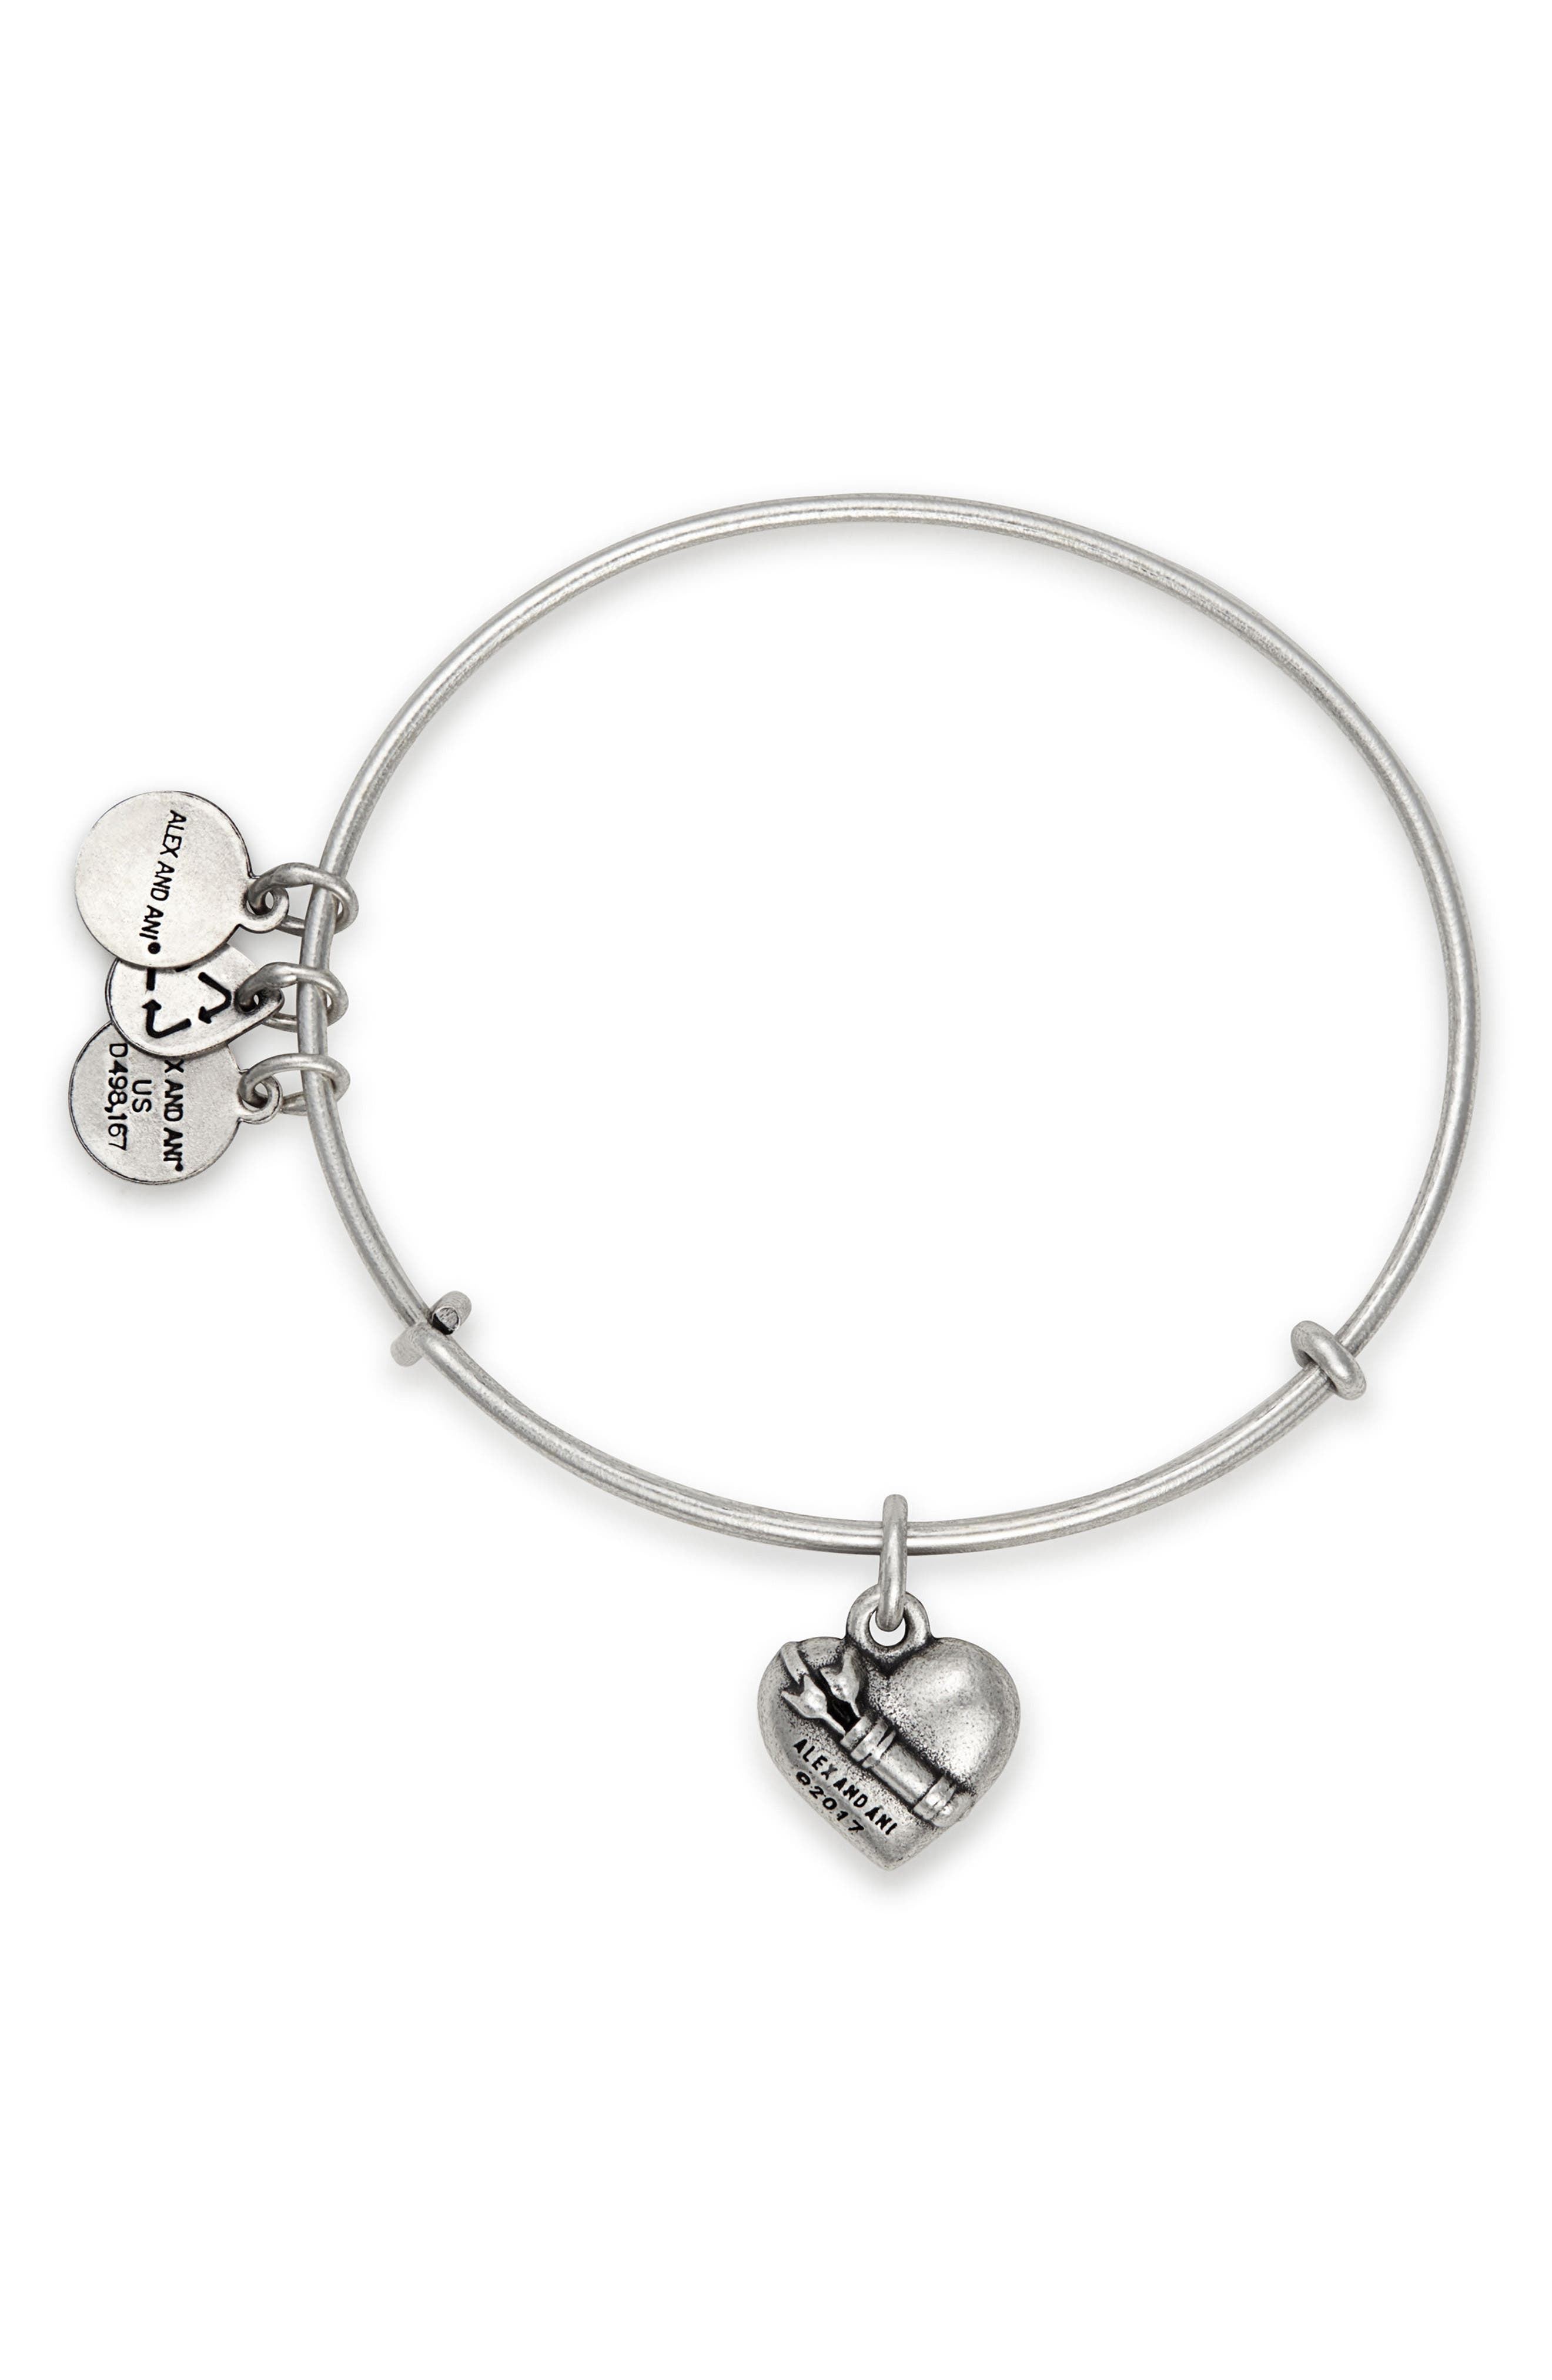 Cupid's Heart Expandable Charm Bracelet,                             Alternate thumbnail 2, color,                             040